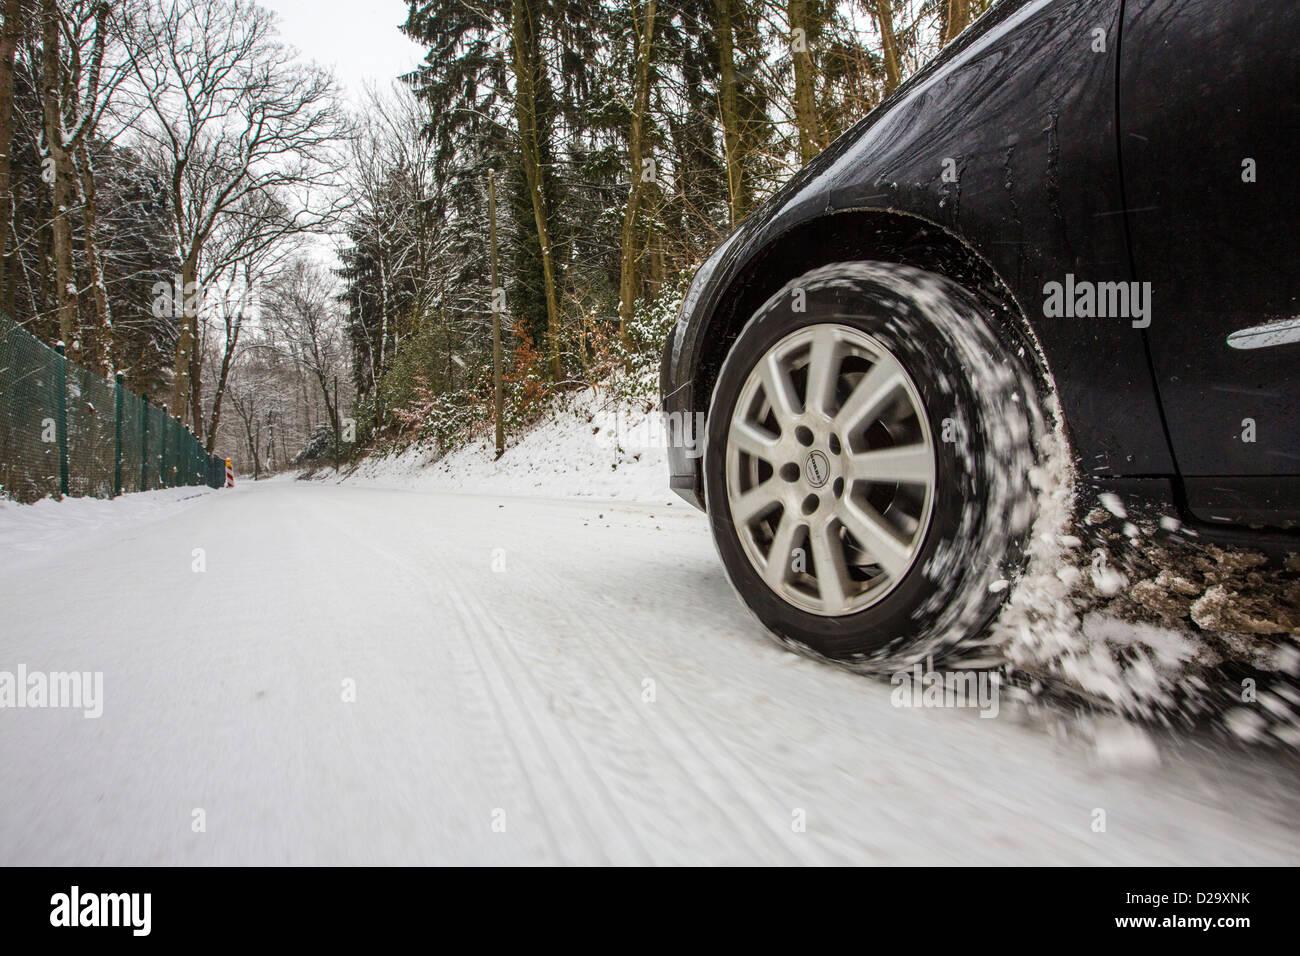 Auto con pneumatici invernali unità su una strada completamente coperto di neve. Immagini Stock